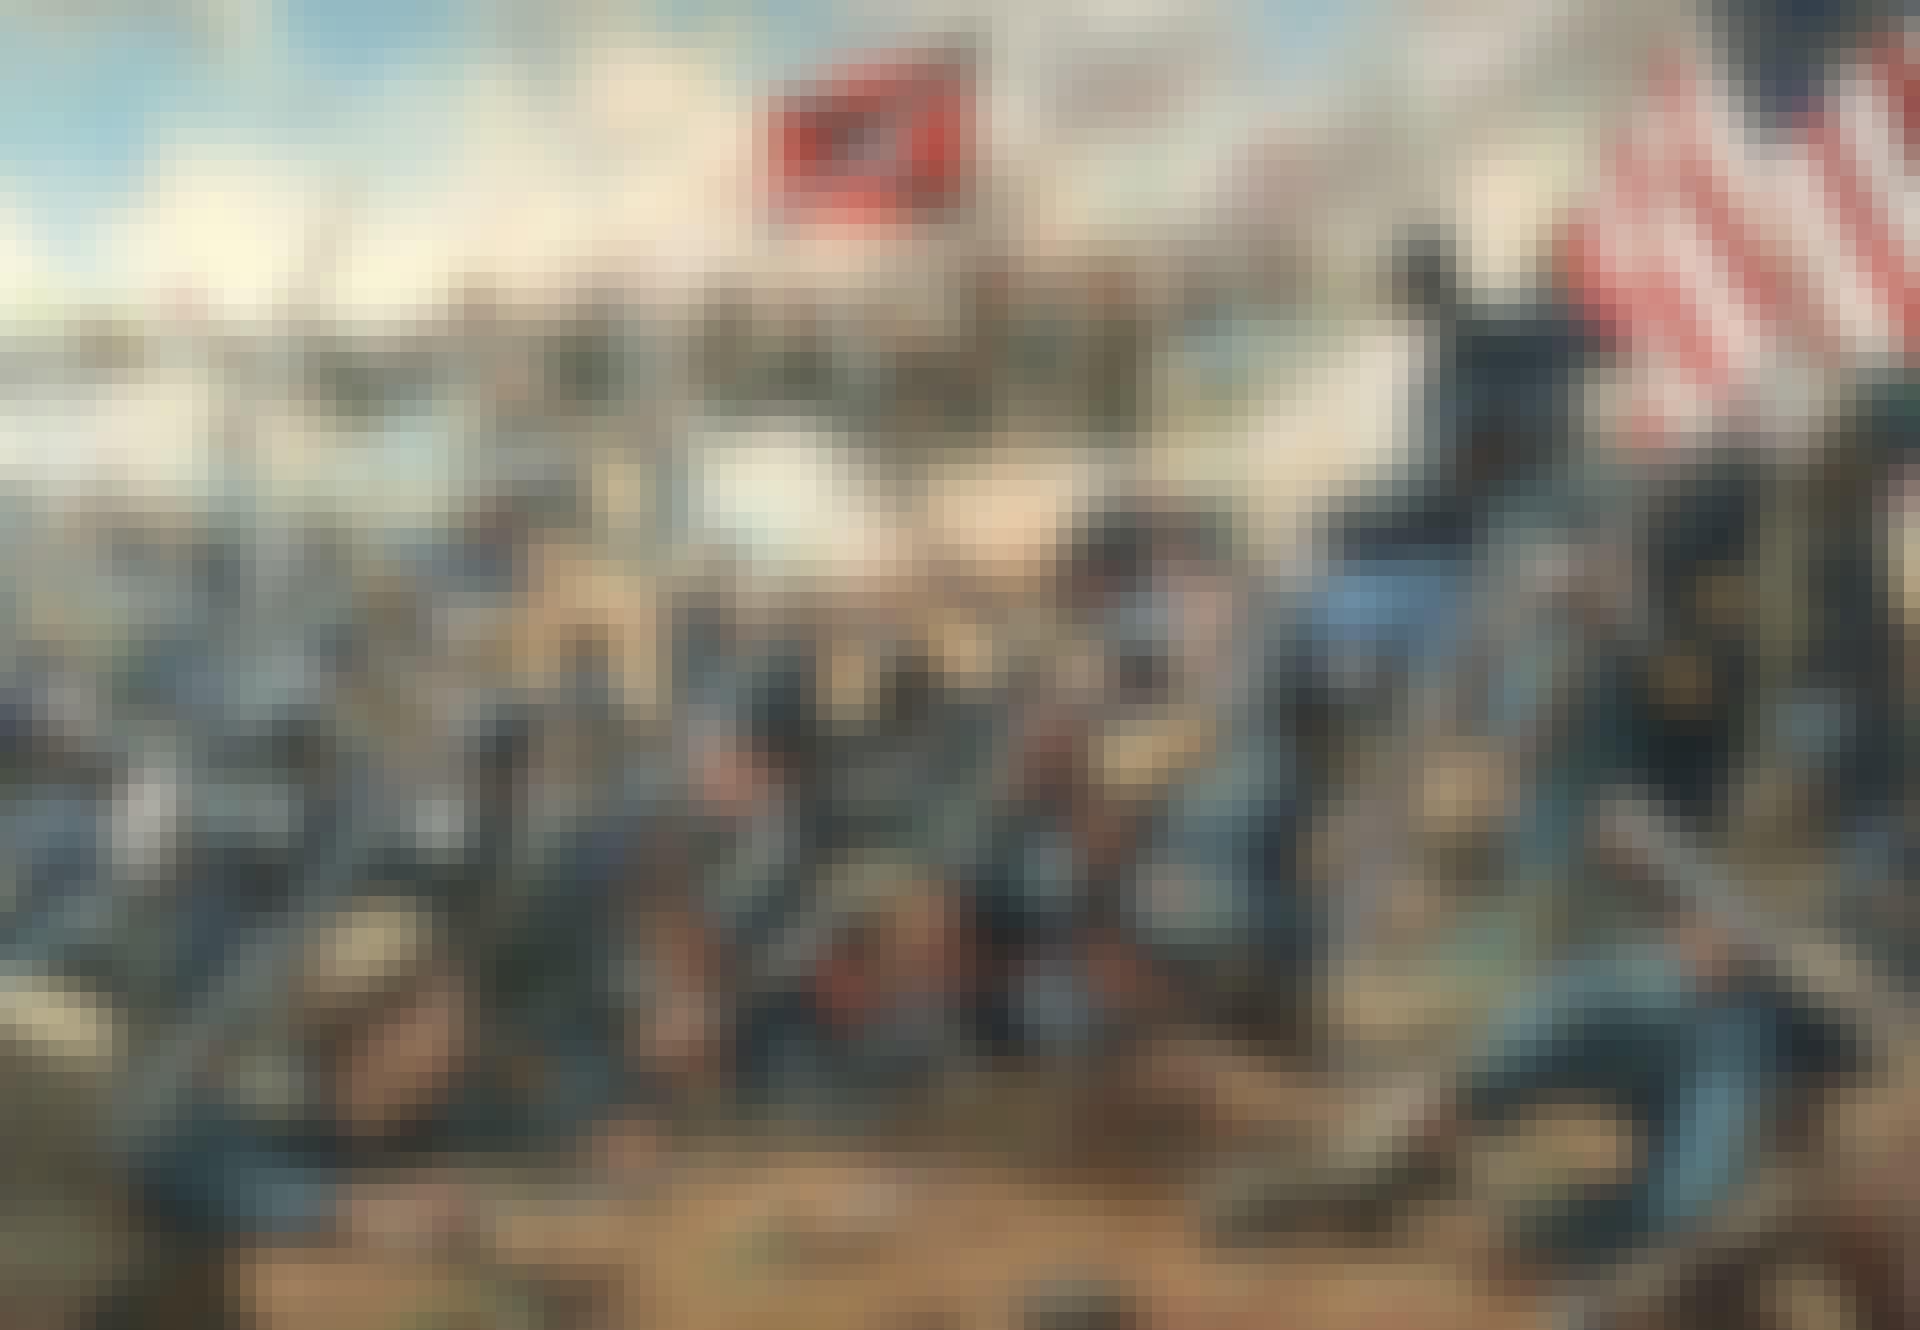 Sydstaterne nordstaterne slagmark